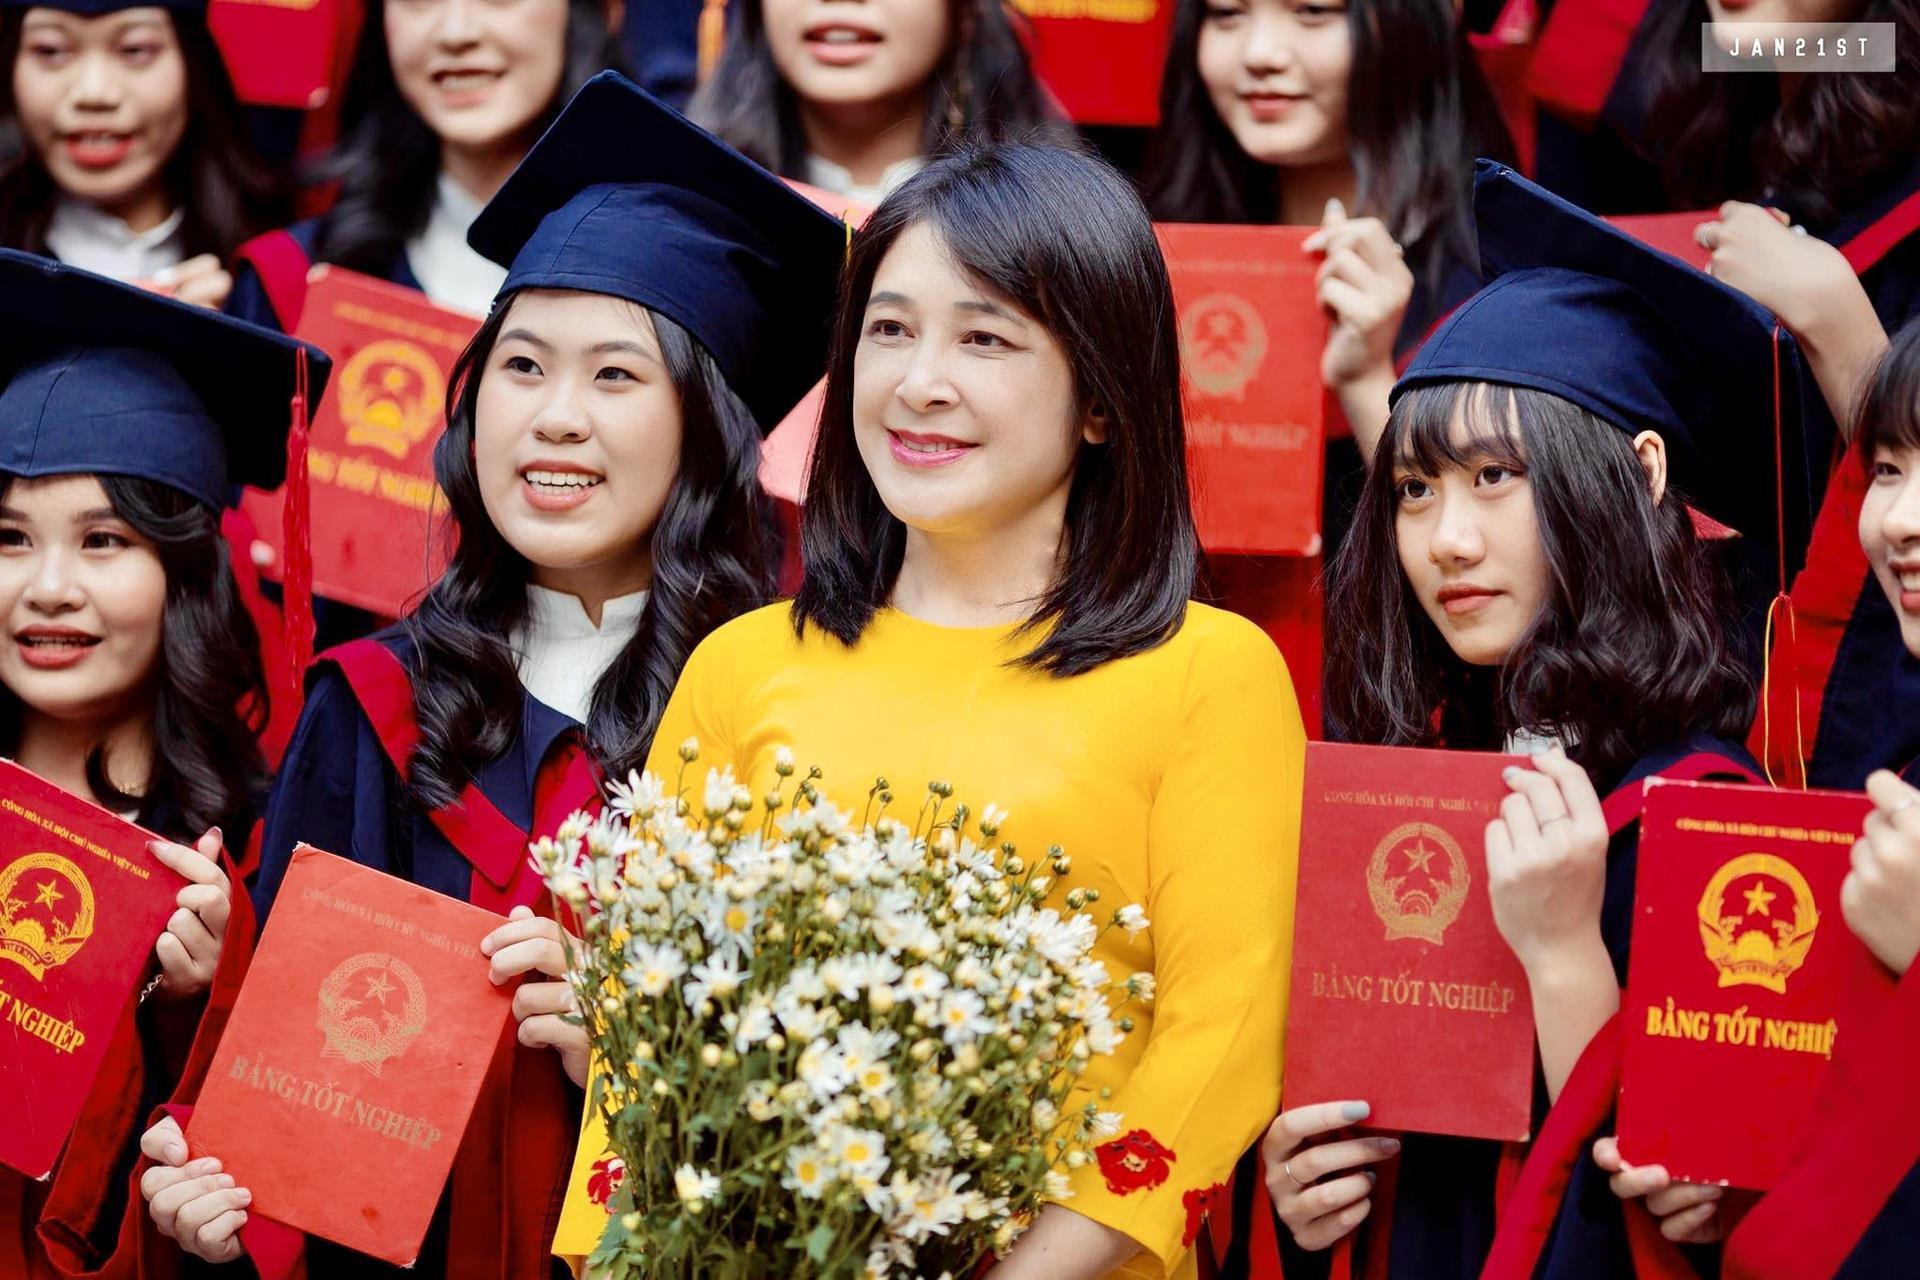 29 học sinh một lớp trúng tuyển đại học nhờ chứng chỉ ngoại ngữ - 2